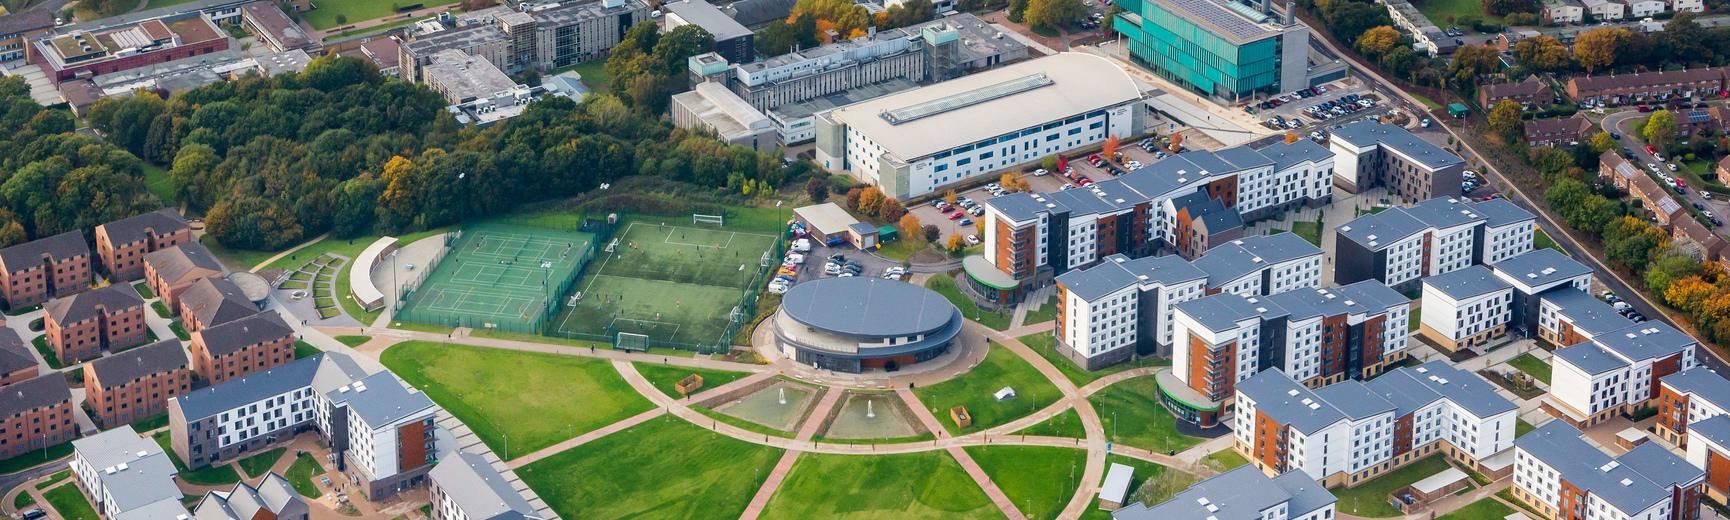 College Lane aerial